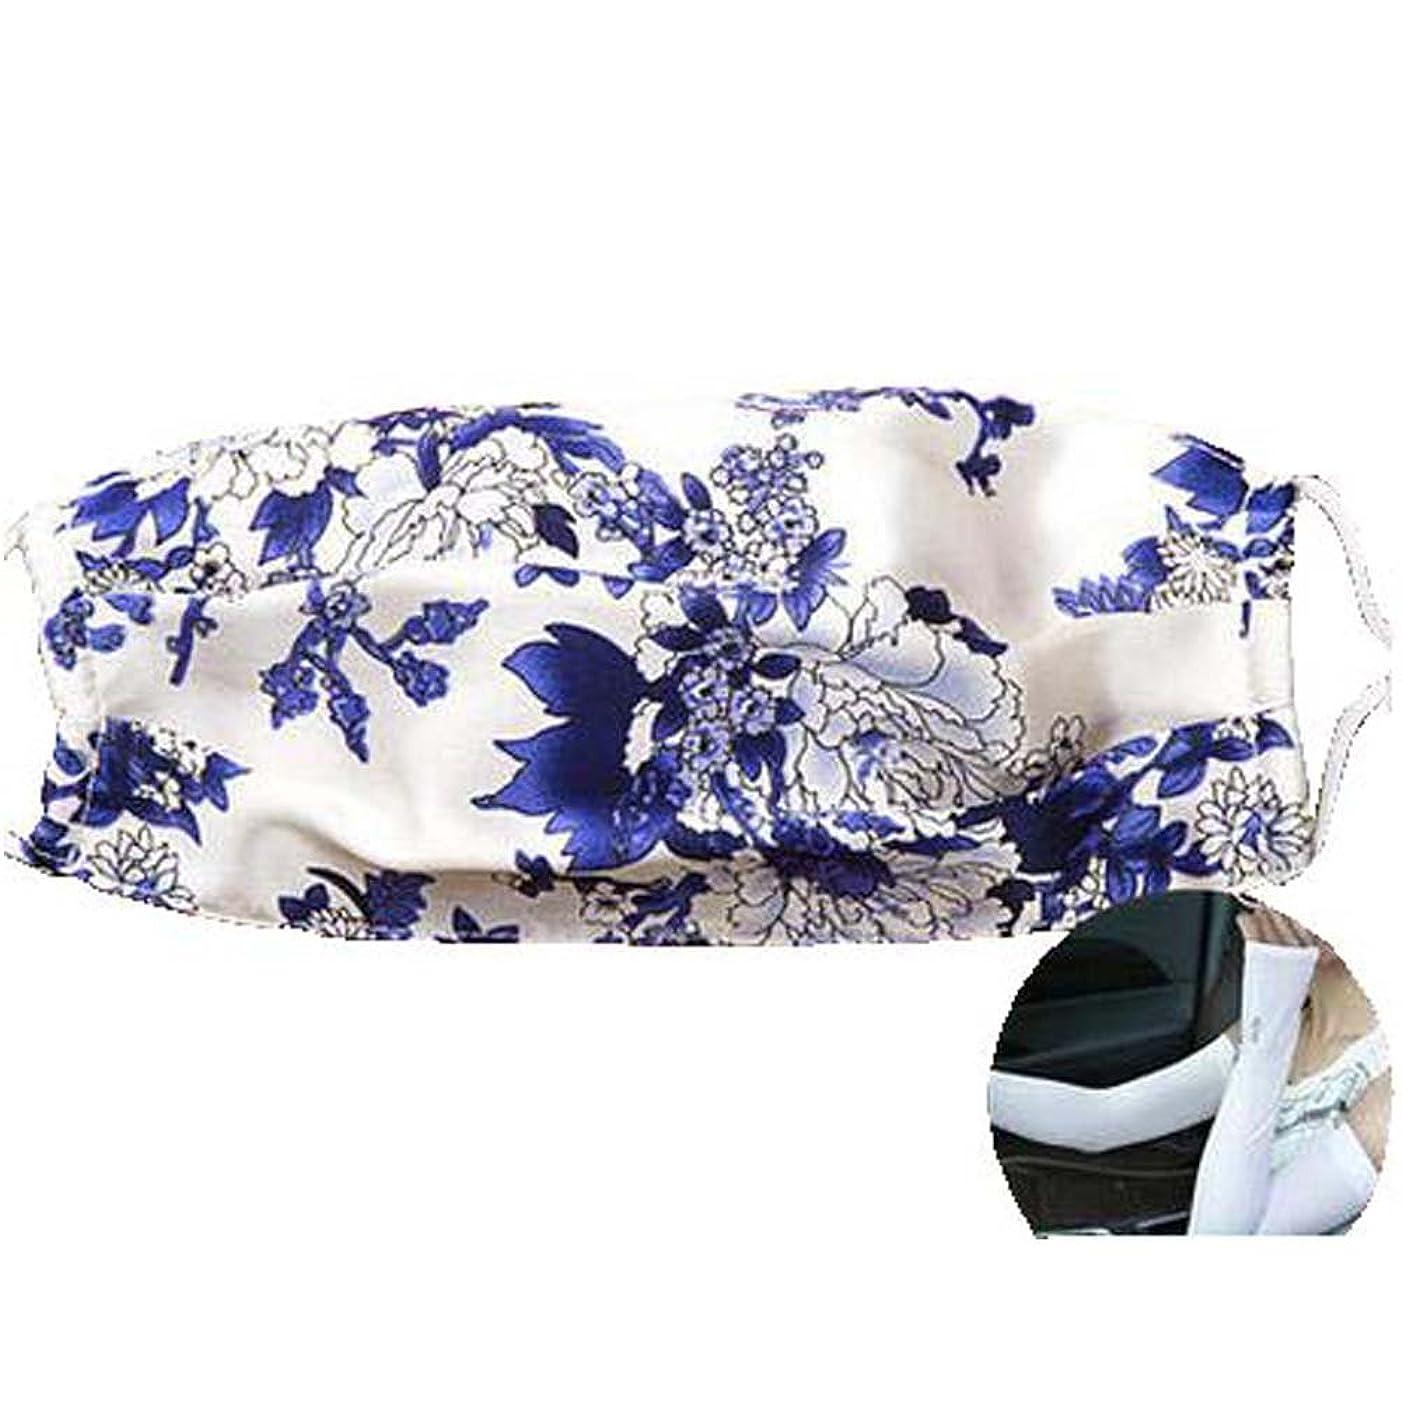 認識クラフト妻再使用可能な洗えるシルクダストマスク、流行マスク、シルクアームスリーブ